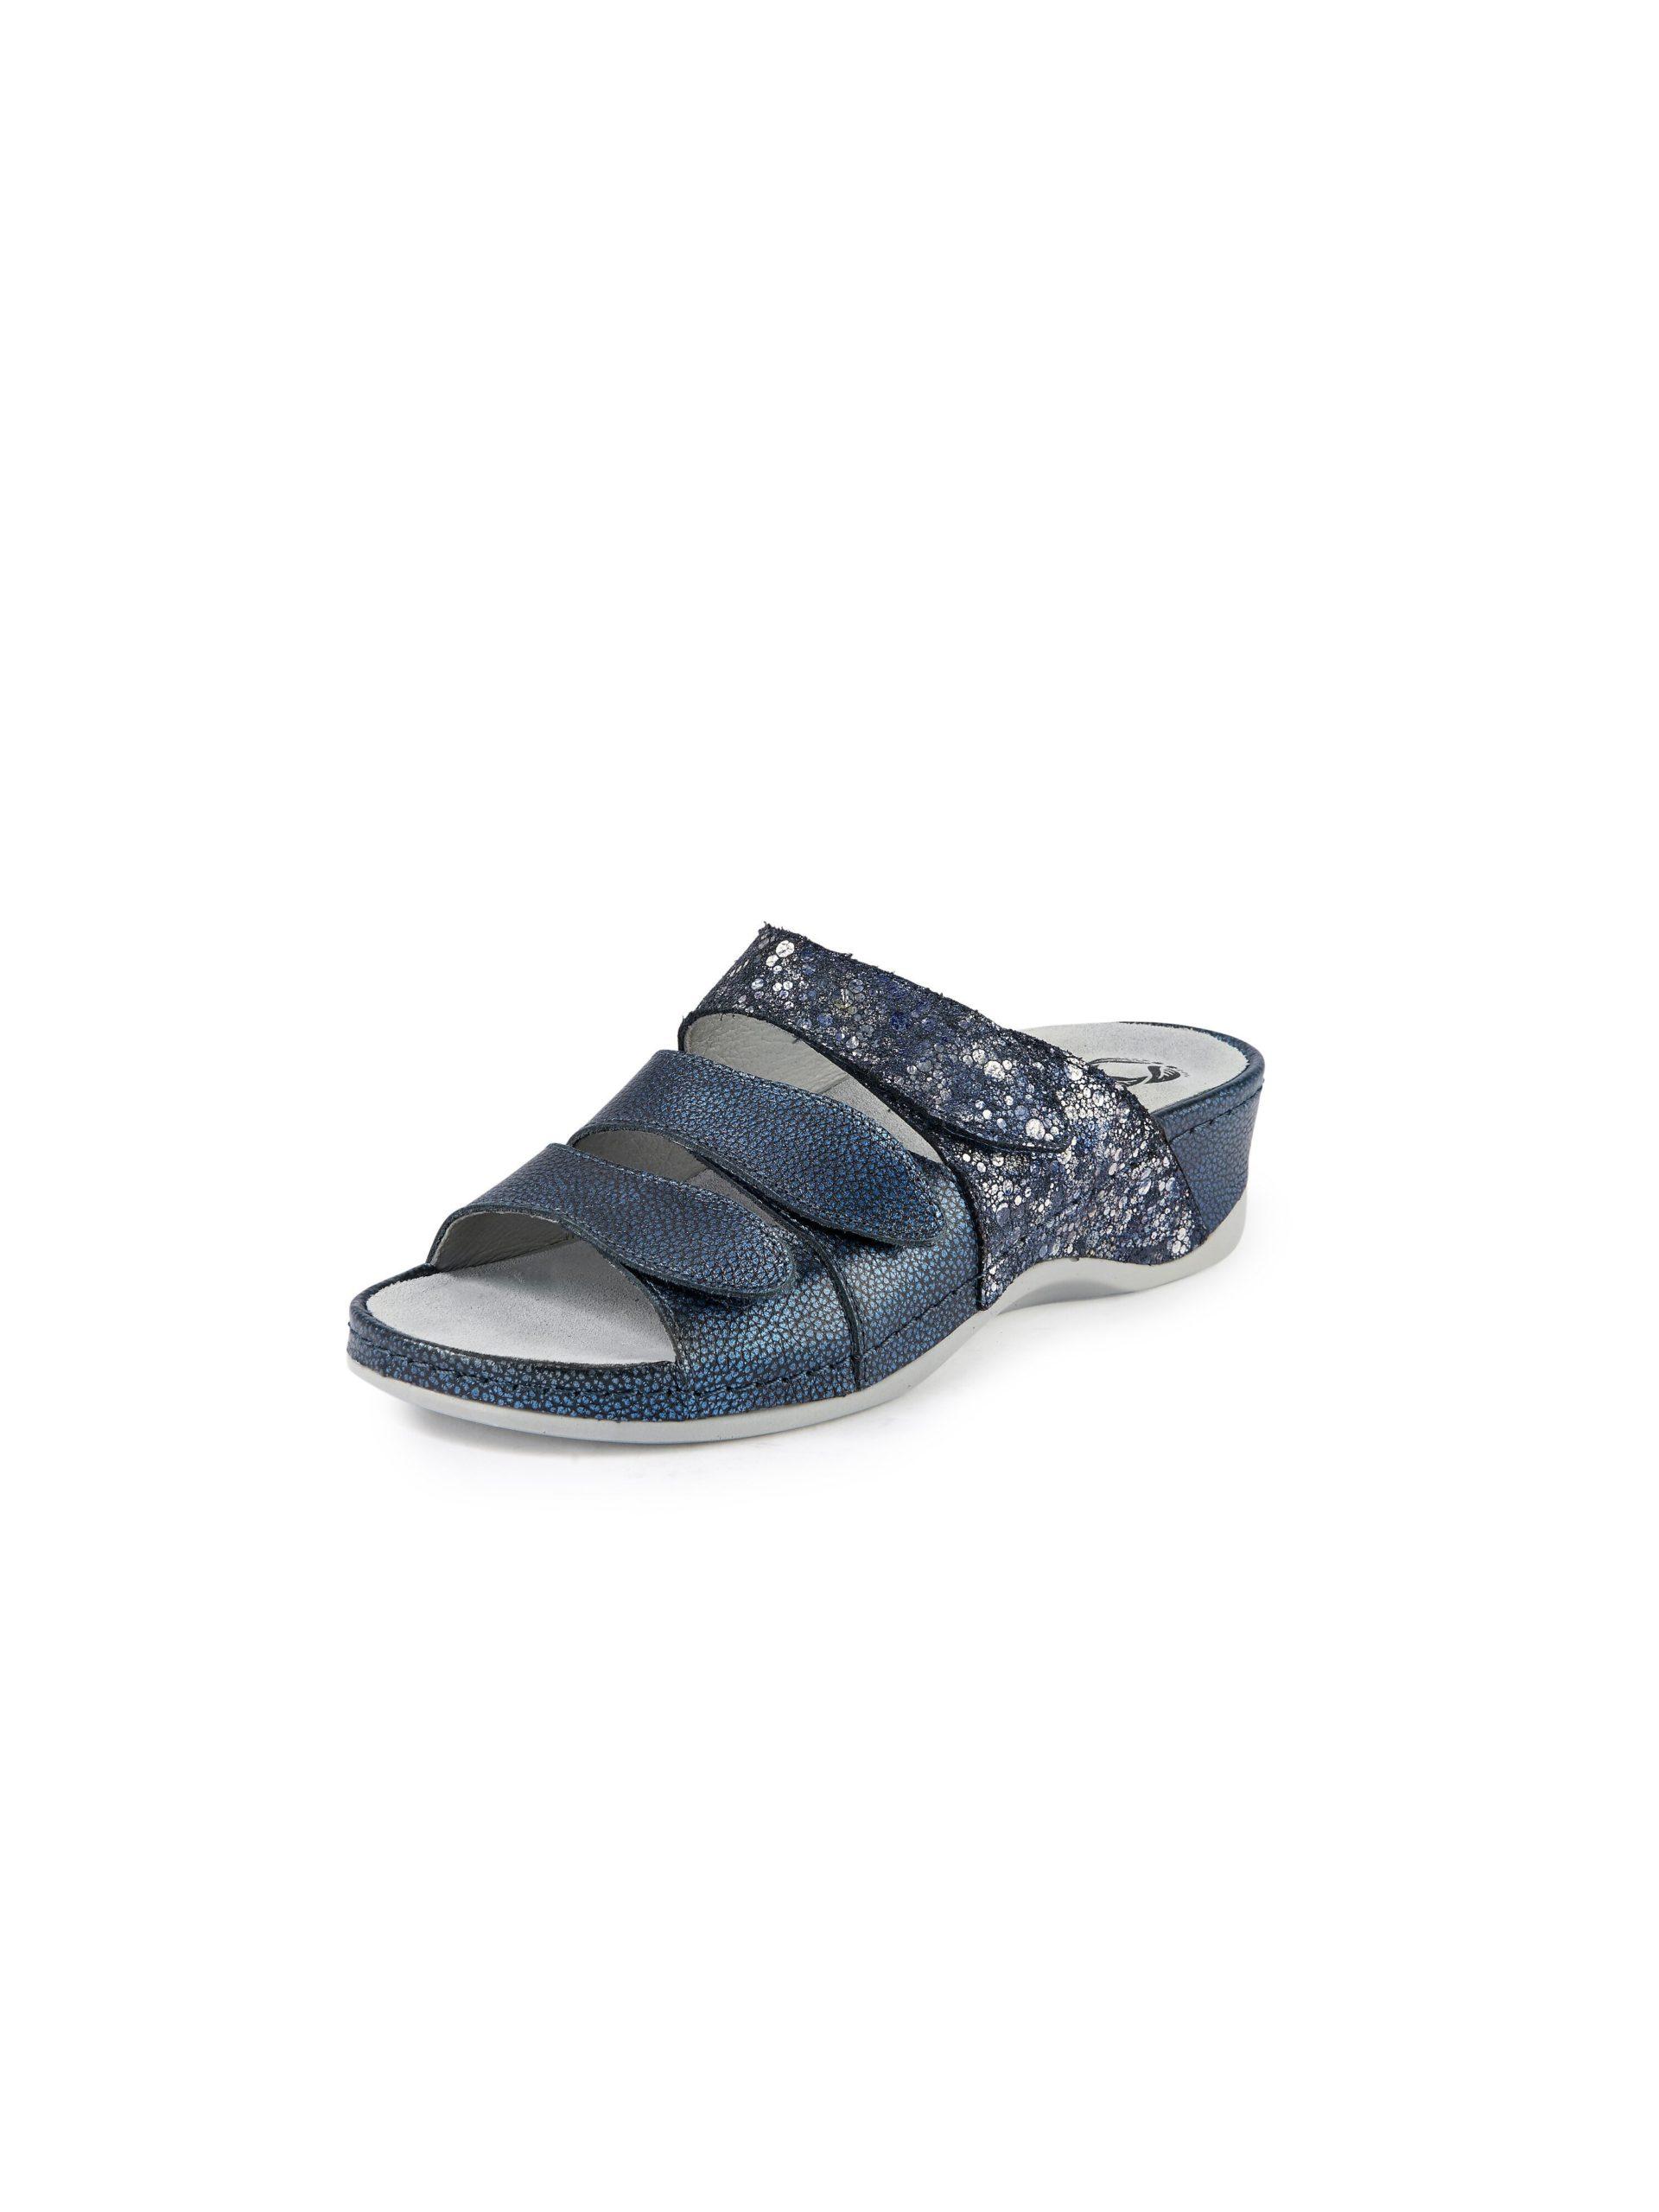 Pantoffels Van MUBB blauw Kopen